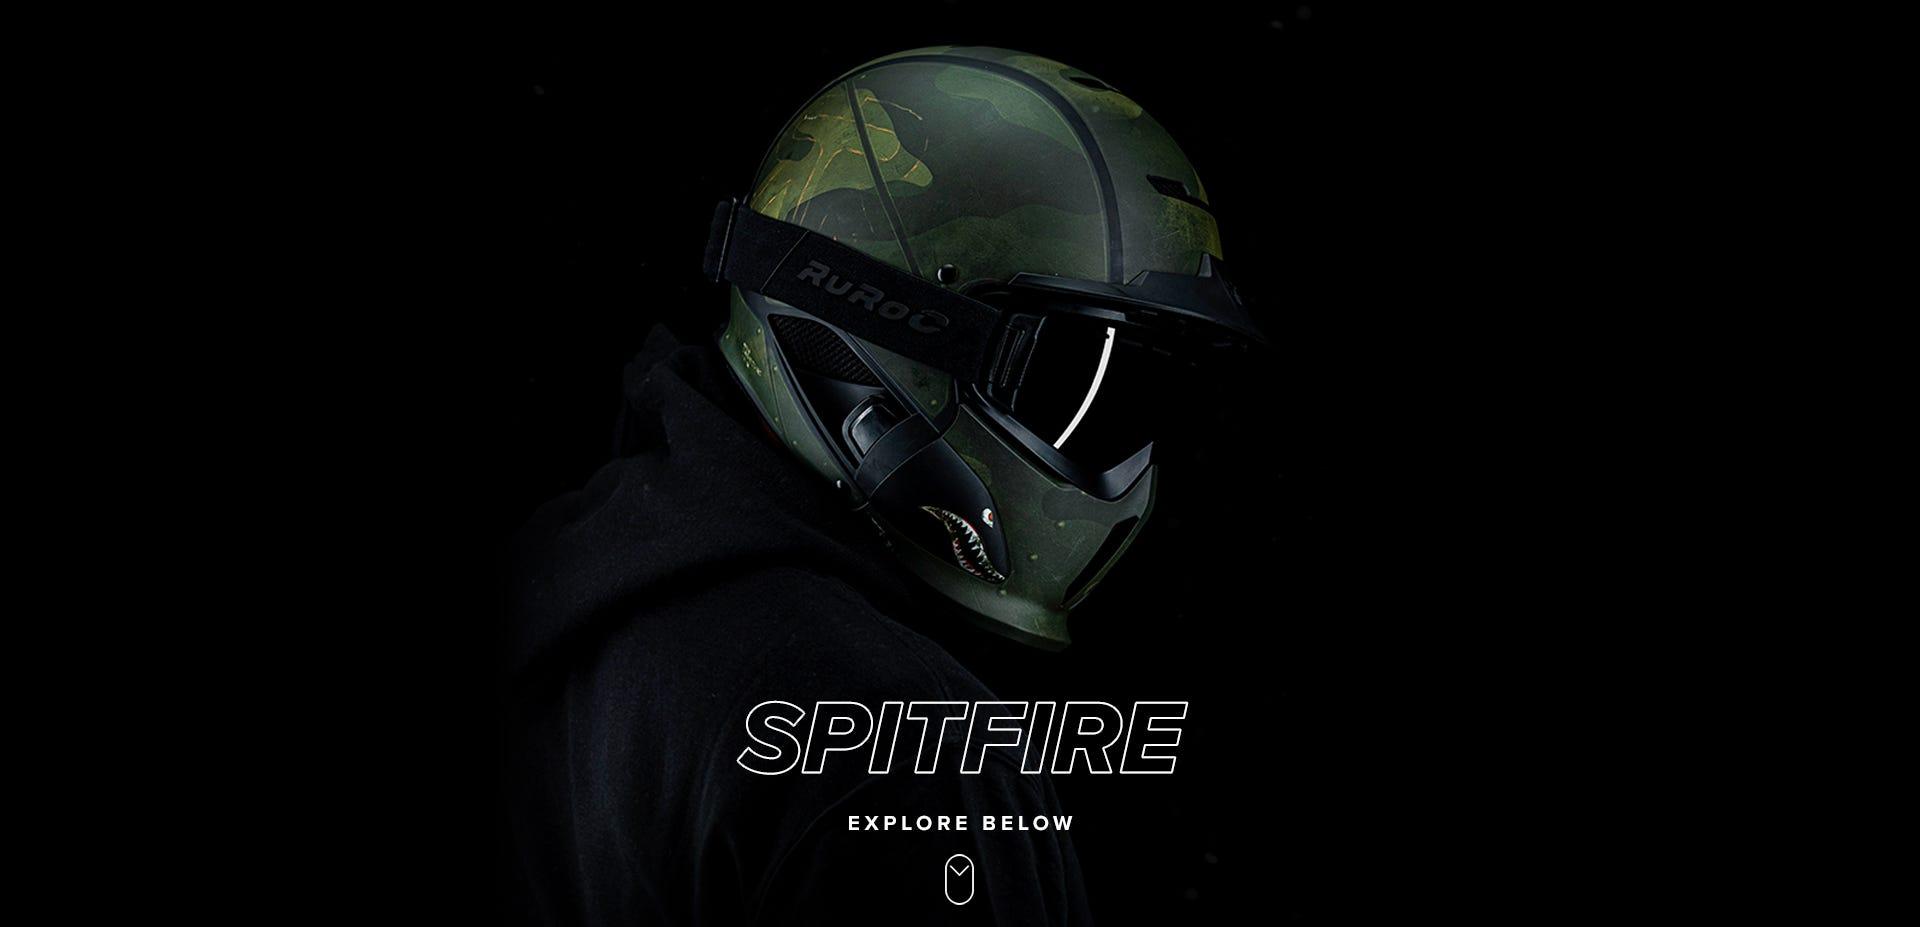 rg1-dx---spitfire---top-banner_1.jpg